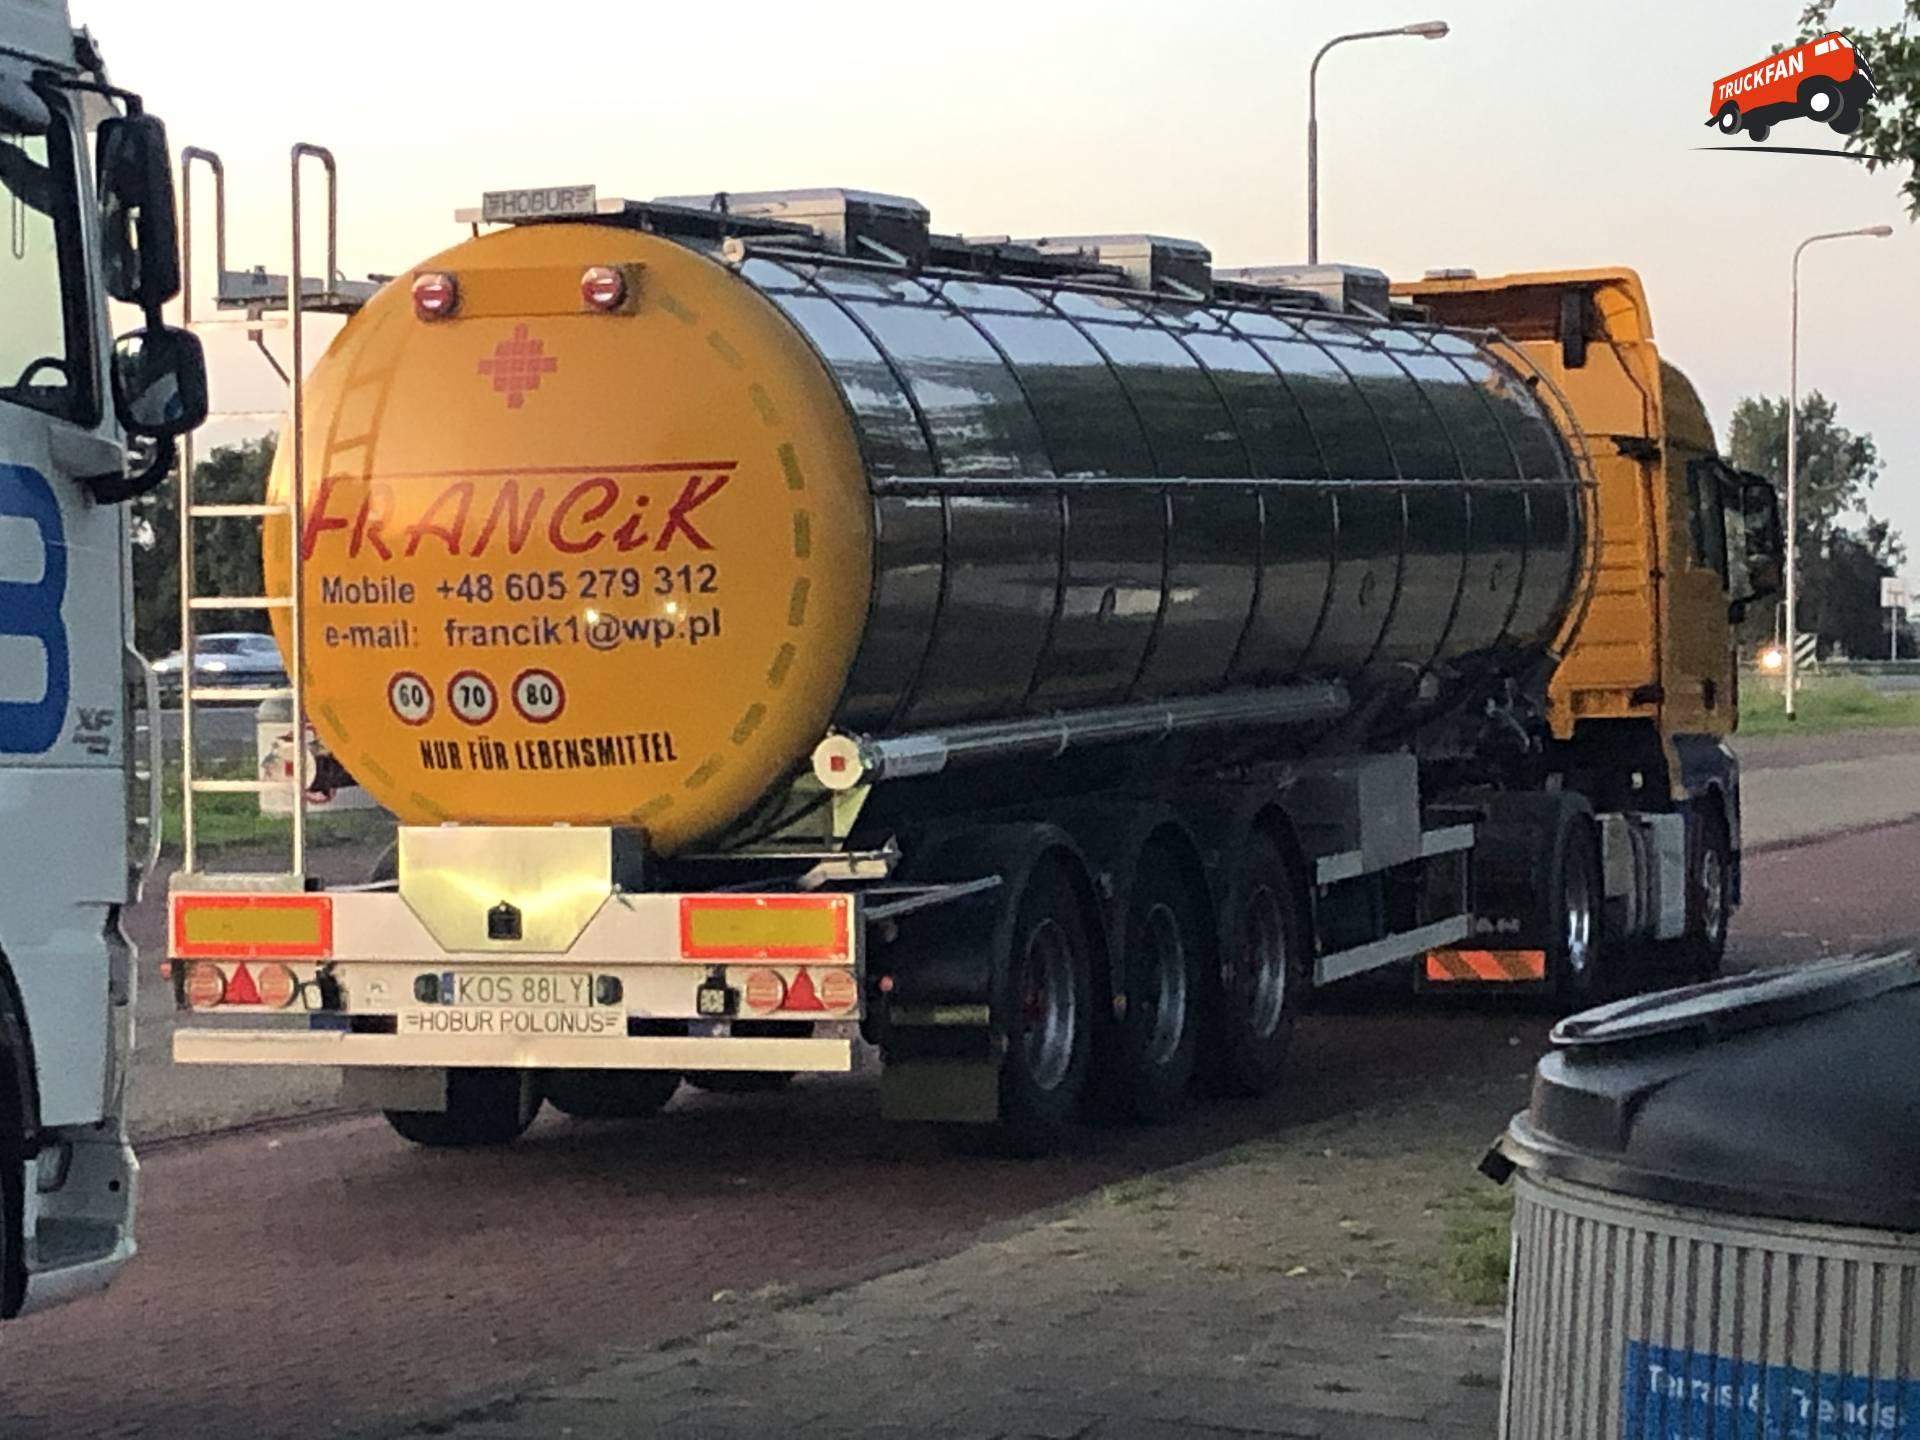 Hobur Polonus tanktrailer